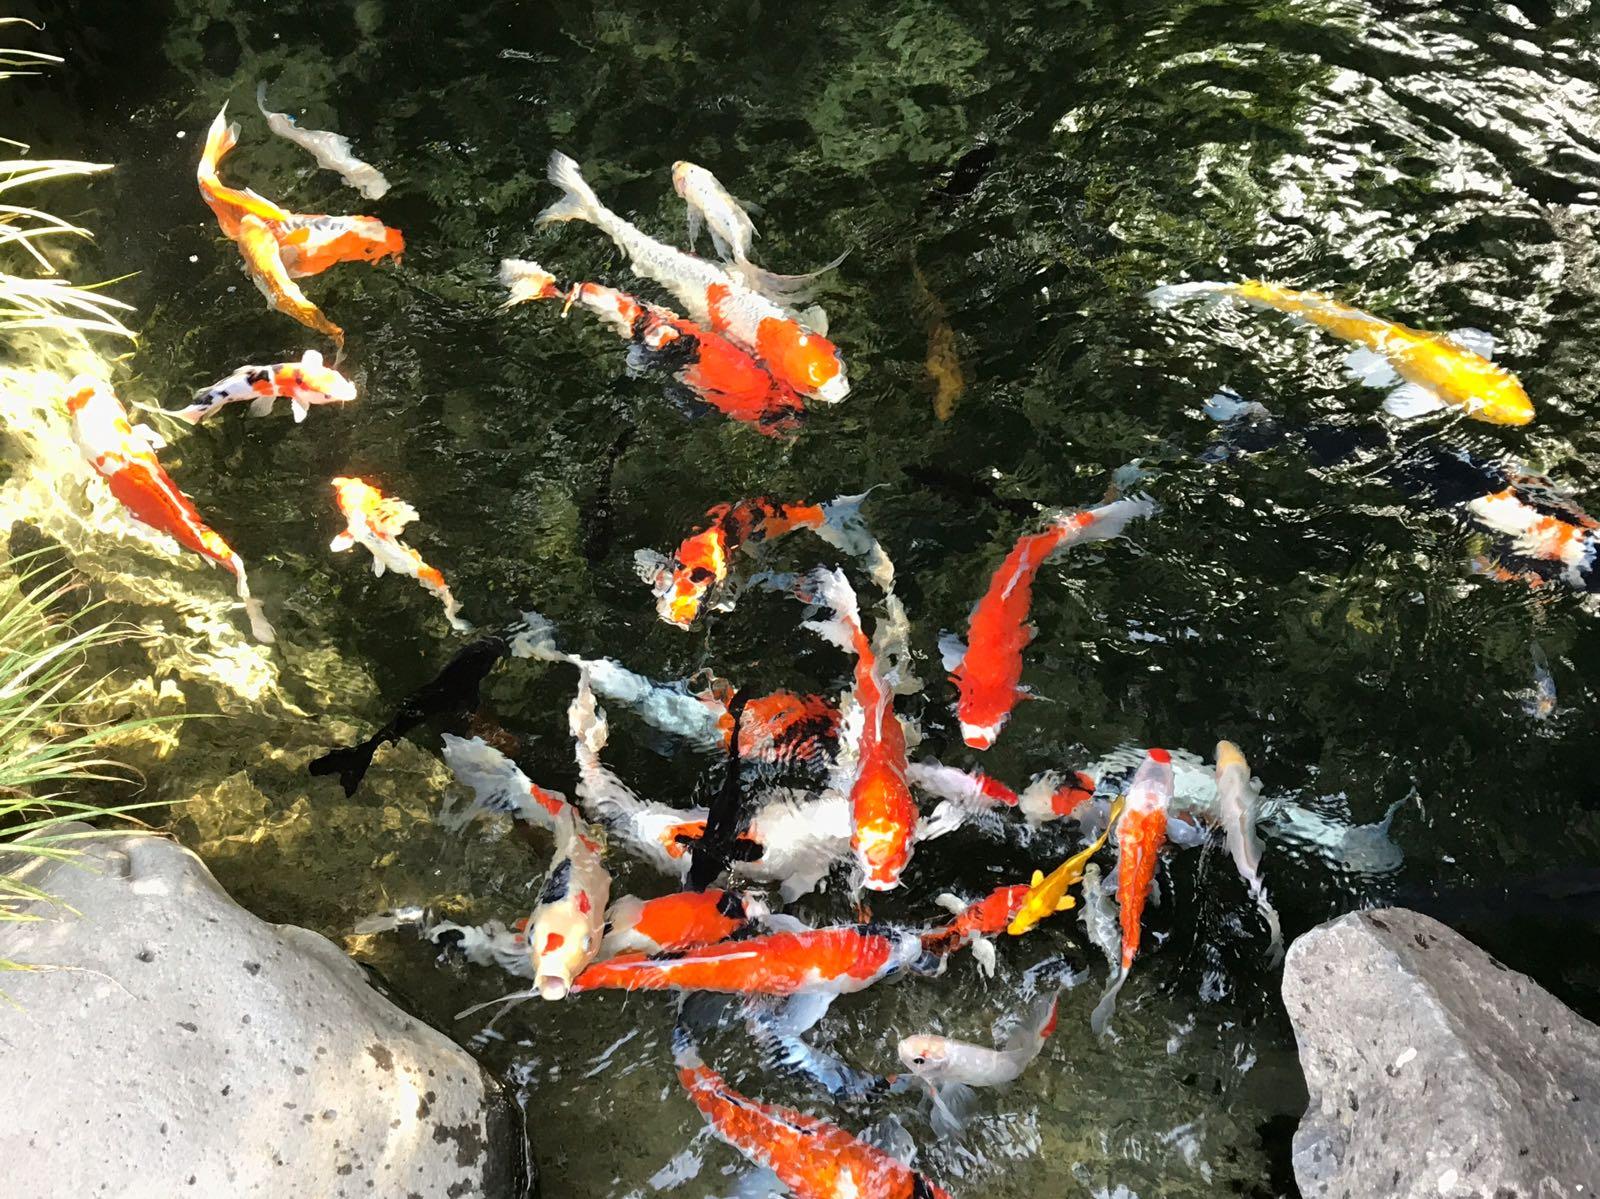 דגי קוי ענקיים שוחים במים הצלולים